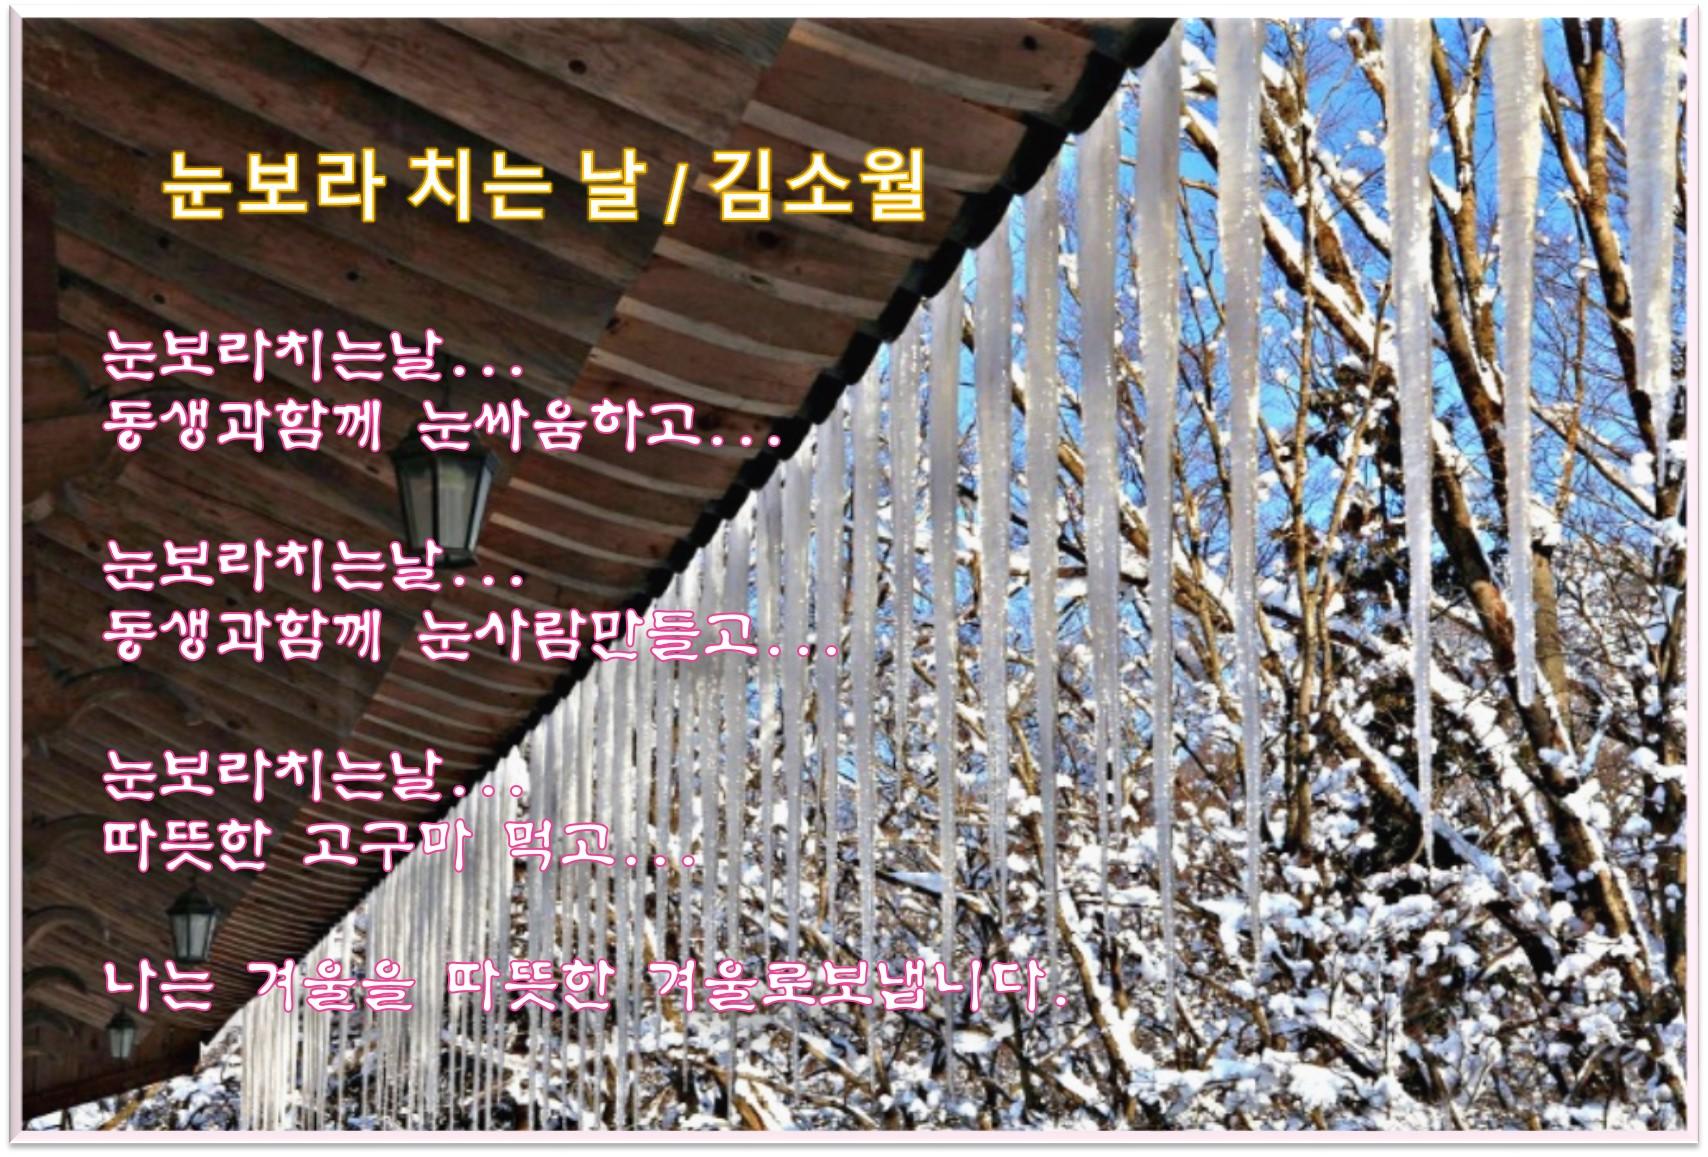 이 글은 파워포인트에서 만든 이미지입니다.  눈보라치는 날  / 김소월